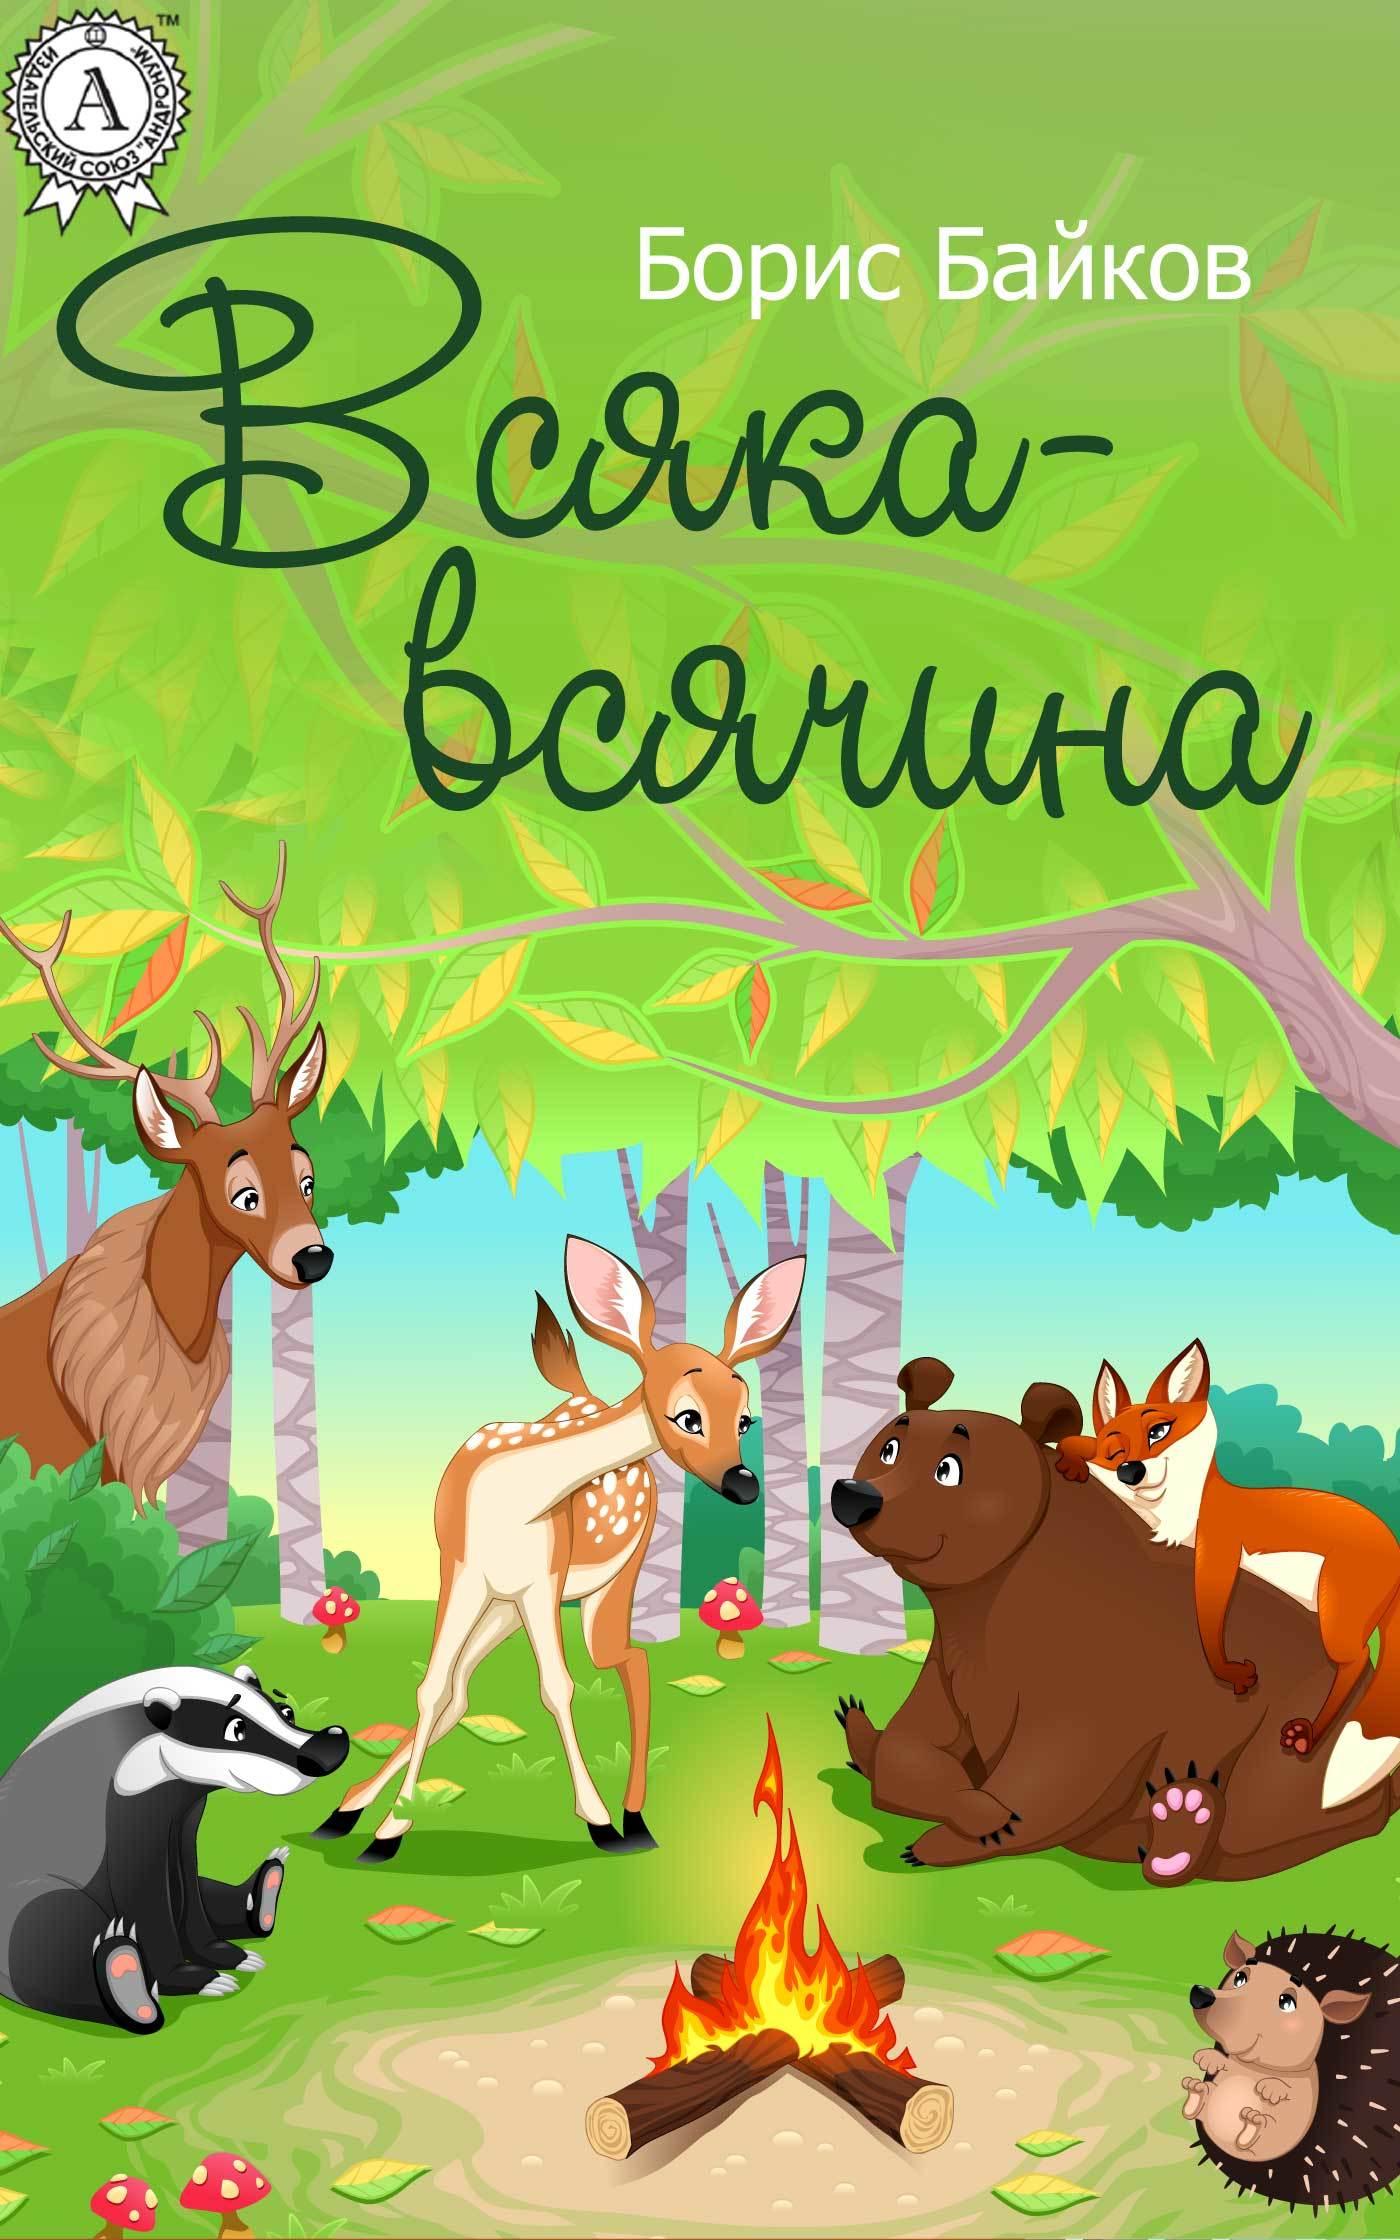 Борис Байков Всяка-всячина борис байков невгамовний час